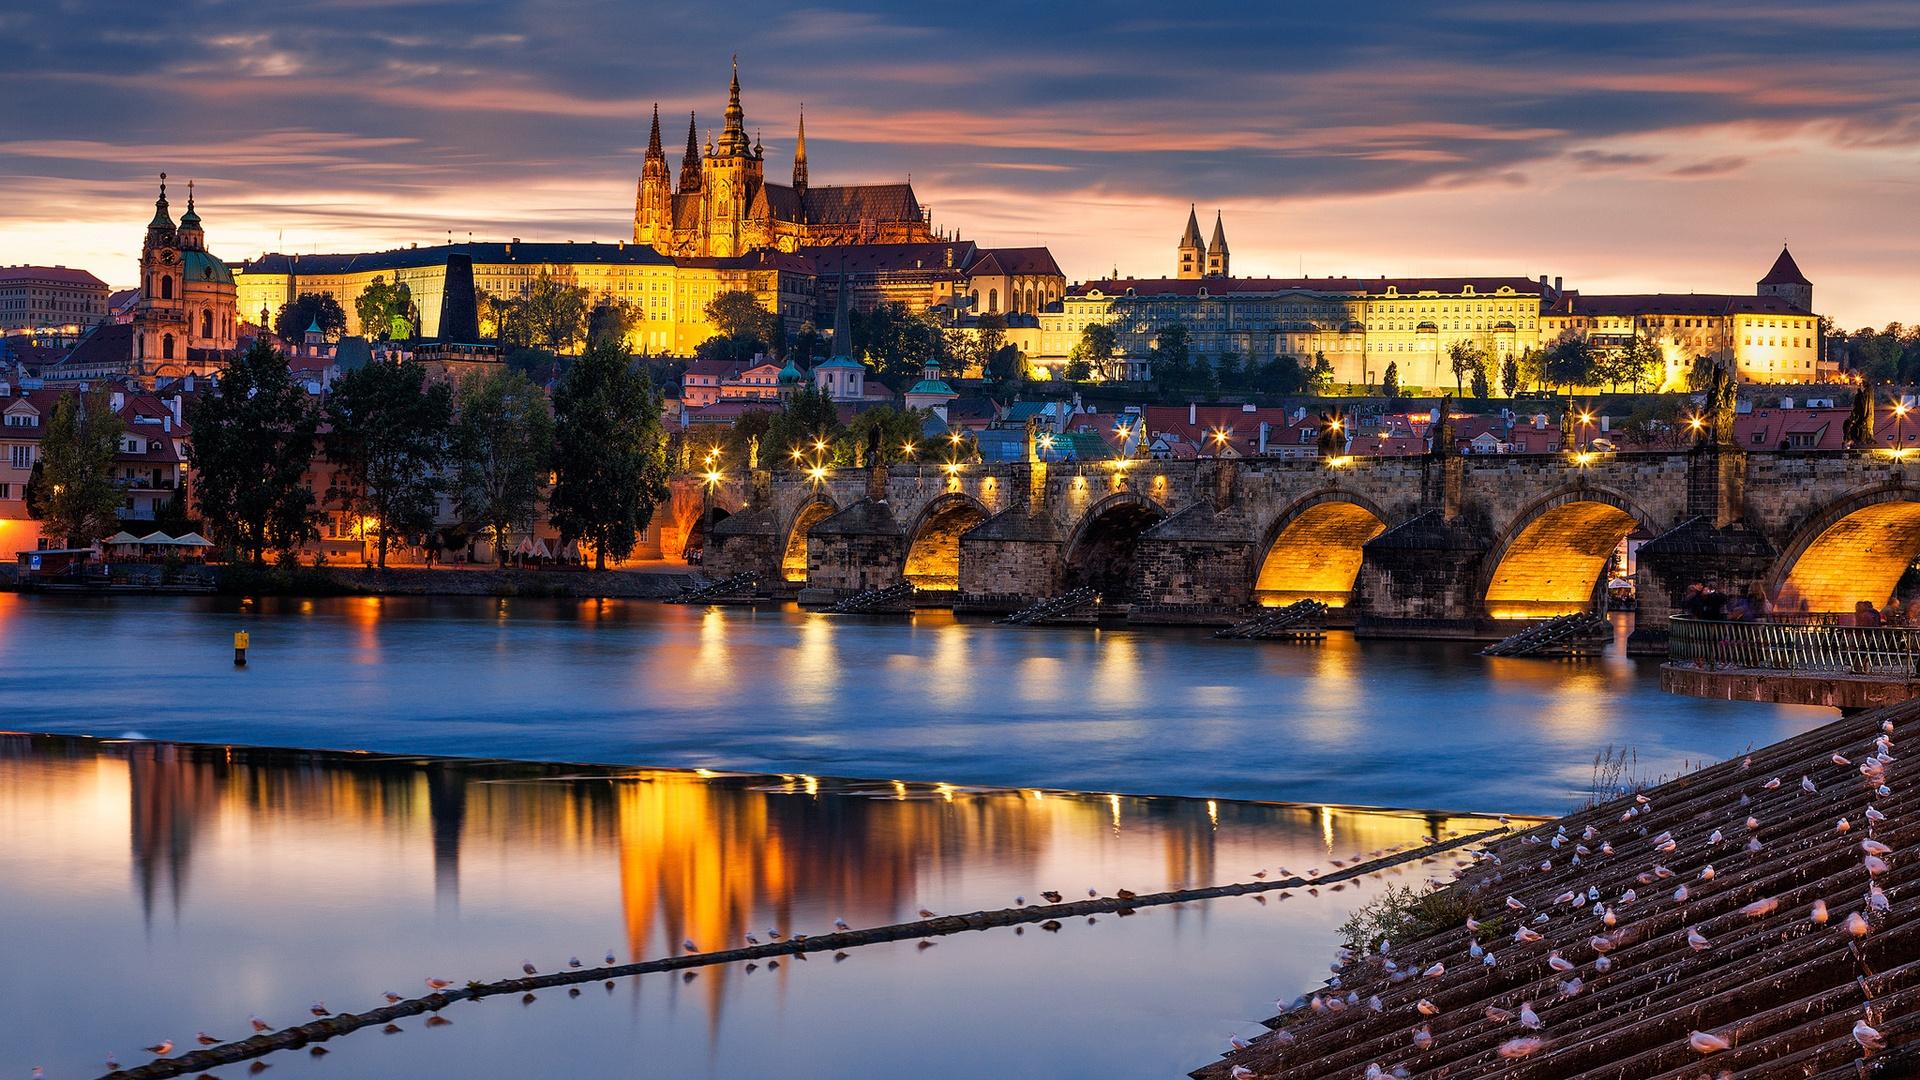 Prague Czech Republic  city photos gallery : Prague Czech Republic city at evening bridge river Vltava 1920x1080 ...